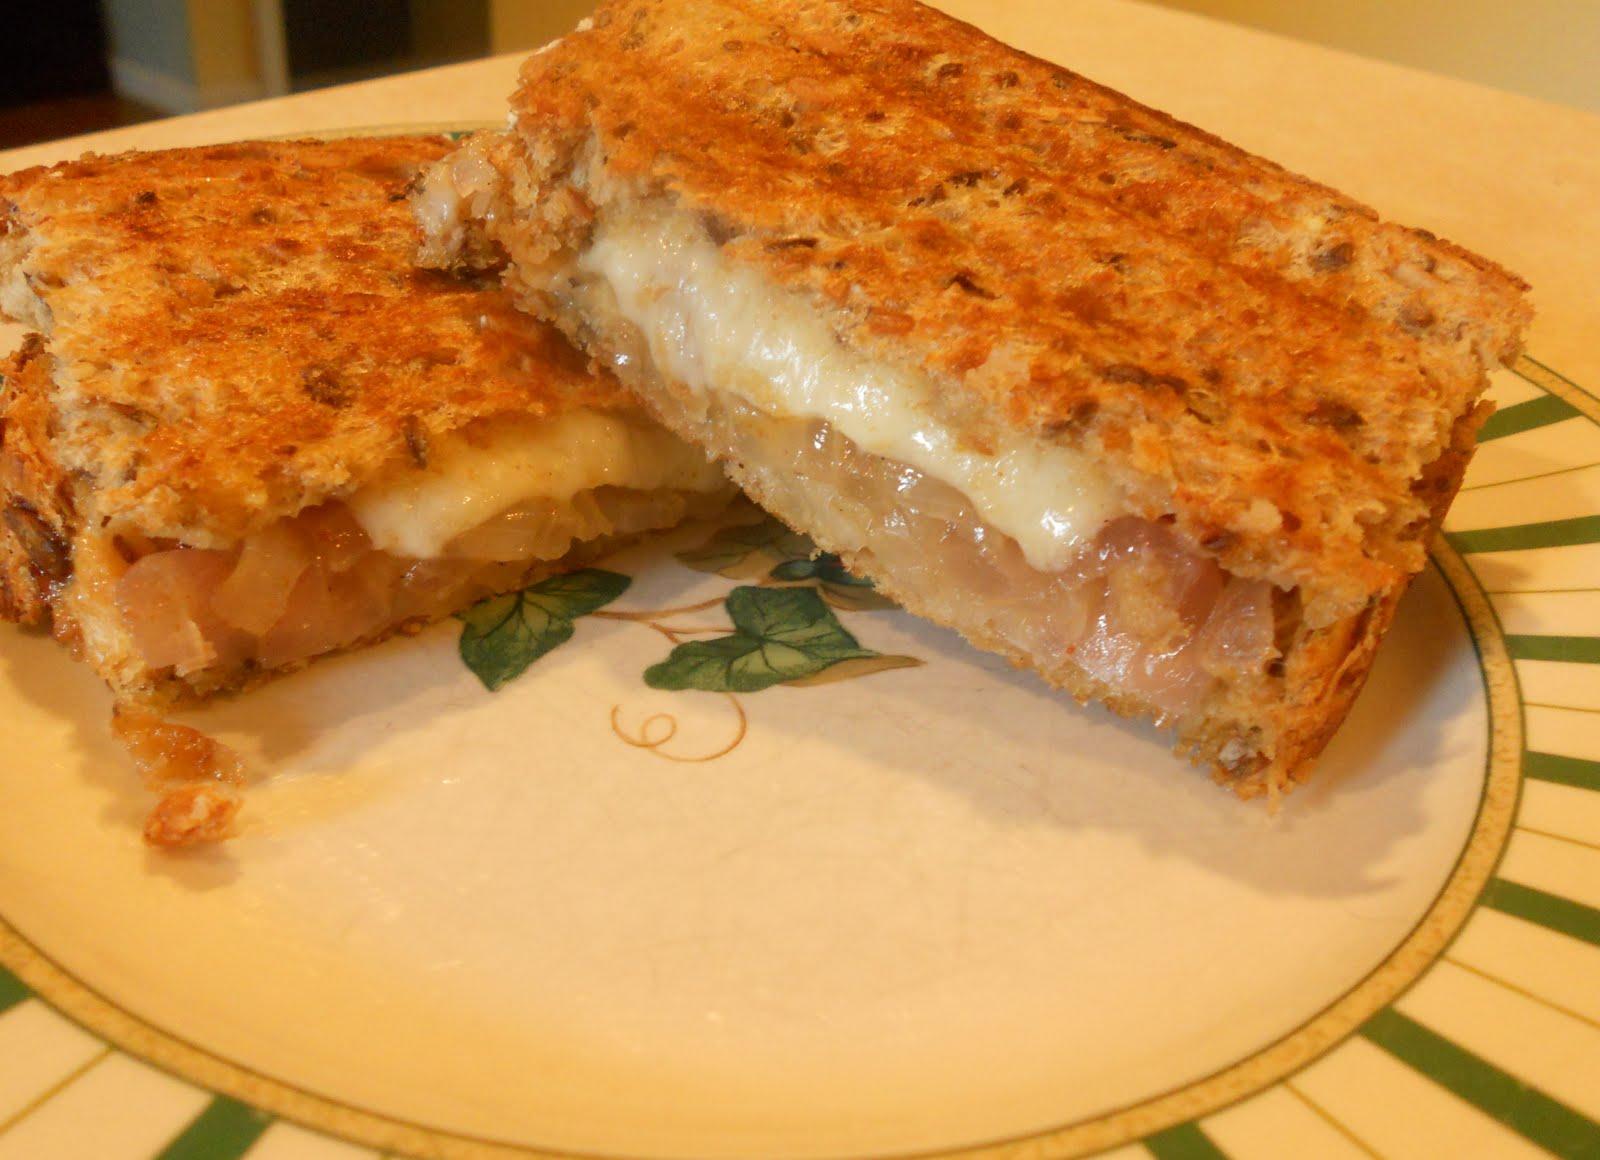 caramelized onion and cheddar sandwich tomato pesto and mozzarella